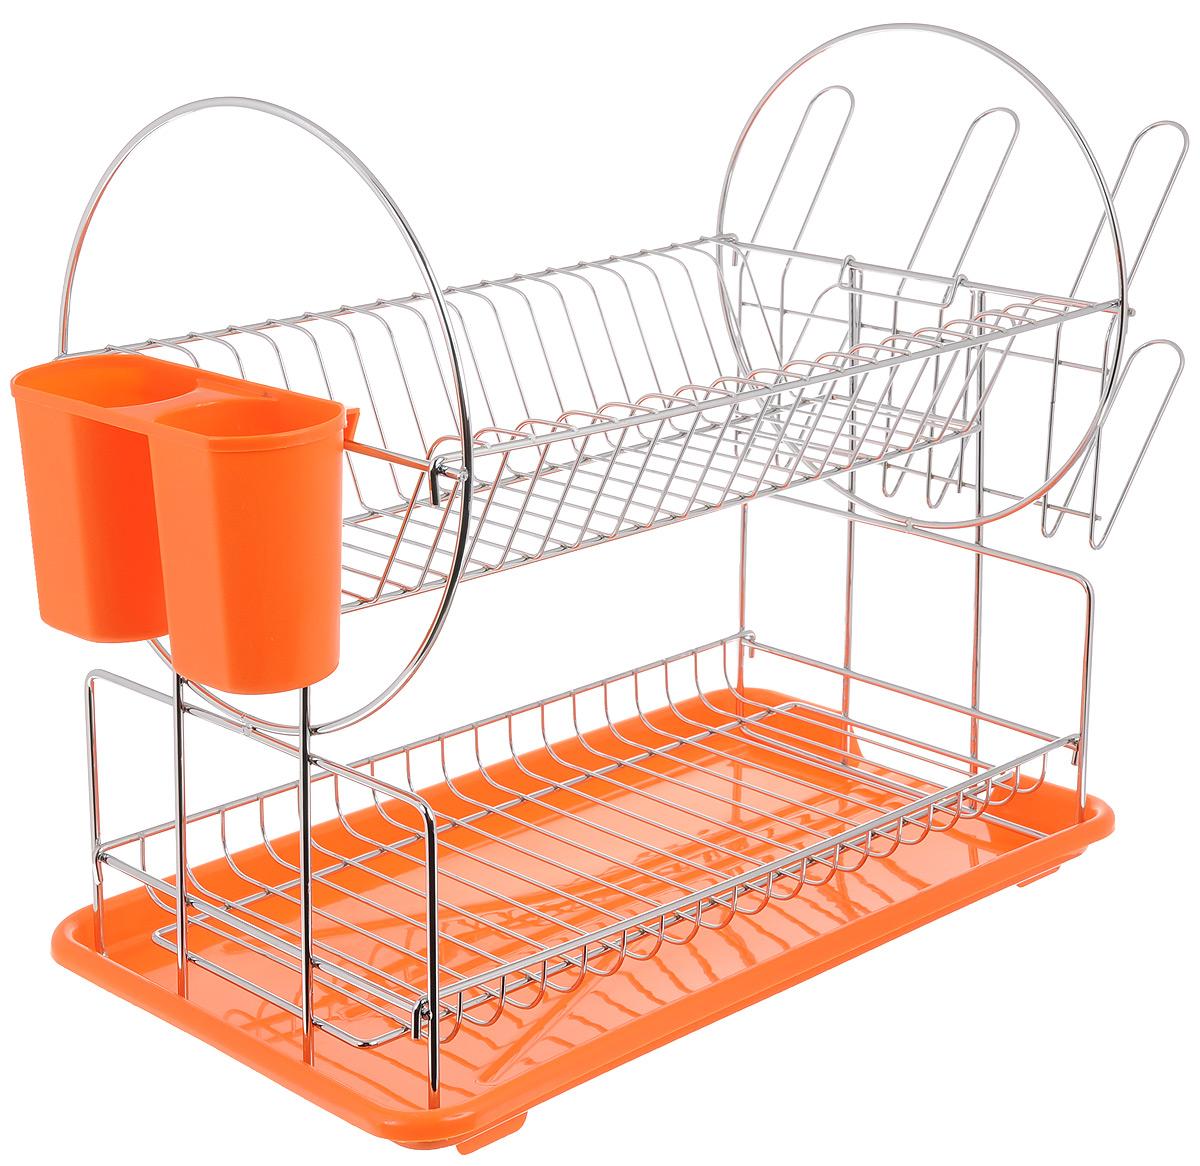 Сушилка для посуды Mayer & Boch, 2-ярусная, цвет: оранжевый, 39 х 23 х 36 см23219Двухъярусная сушилка для посуды Mayer & Boch, выполненная извысококачественного полипропилена и хромированного металла, отличноподходит для хранения кухонных принадлежностей и столовых приборов. Сушилкасостоит из подставки для тарелок, двойной подставки для столовых приборов, атакже места для кружек и мисок. Поддон для воды поможет сохранить кухню вчистоте. Элегантный, цветной дизайн прекрасно сочетается с интерьером любойкухни.